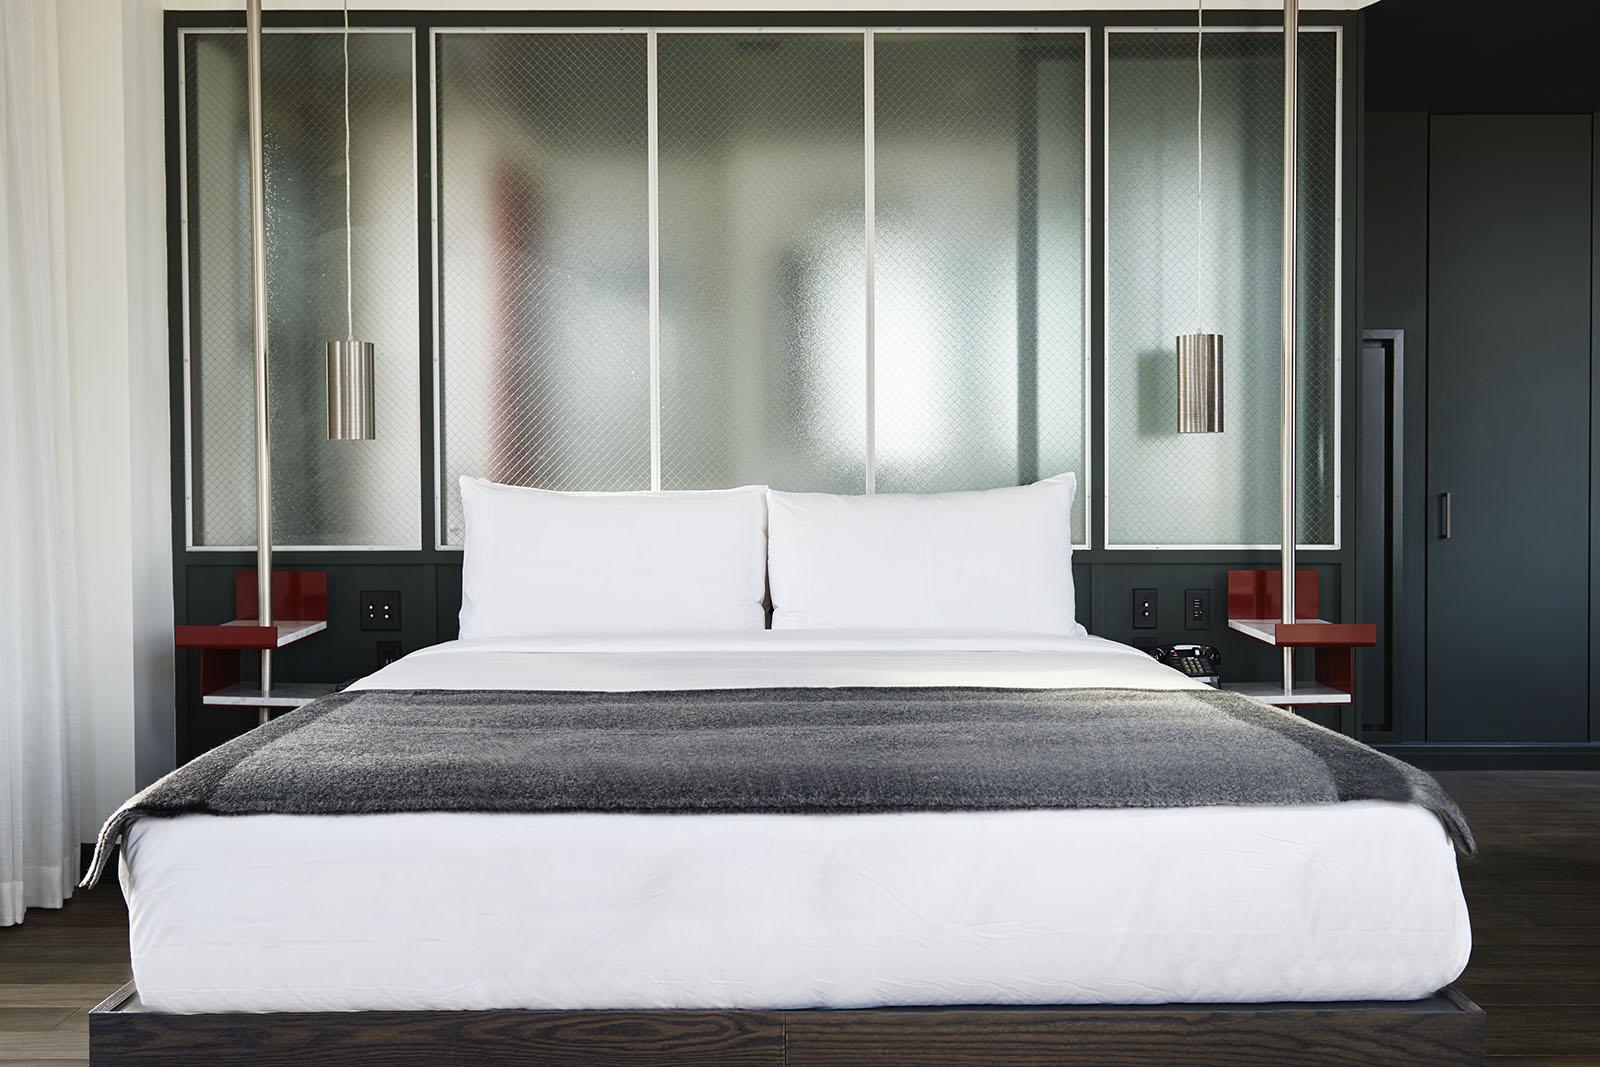 Os quartos do The Robey são uma ótima opção de hospedagem em Wicker Park - foto: Divulgação